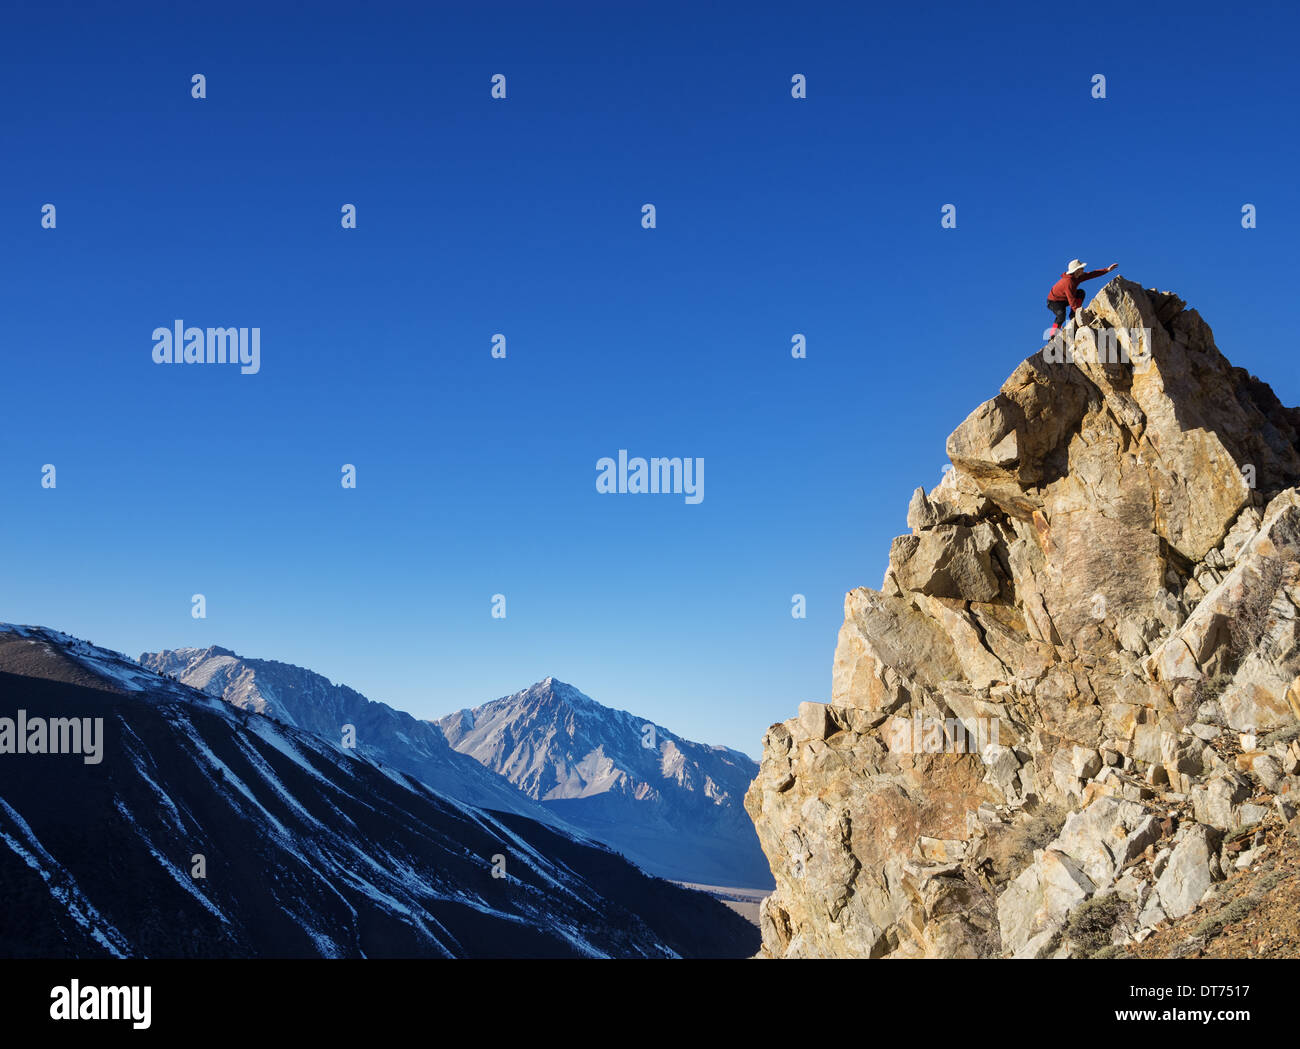 a man reaches his goal of a mountain top - Stock Image